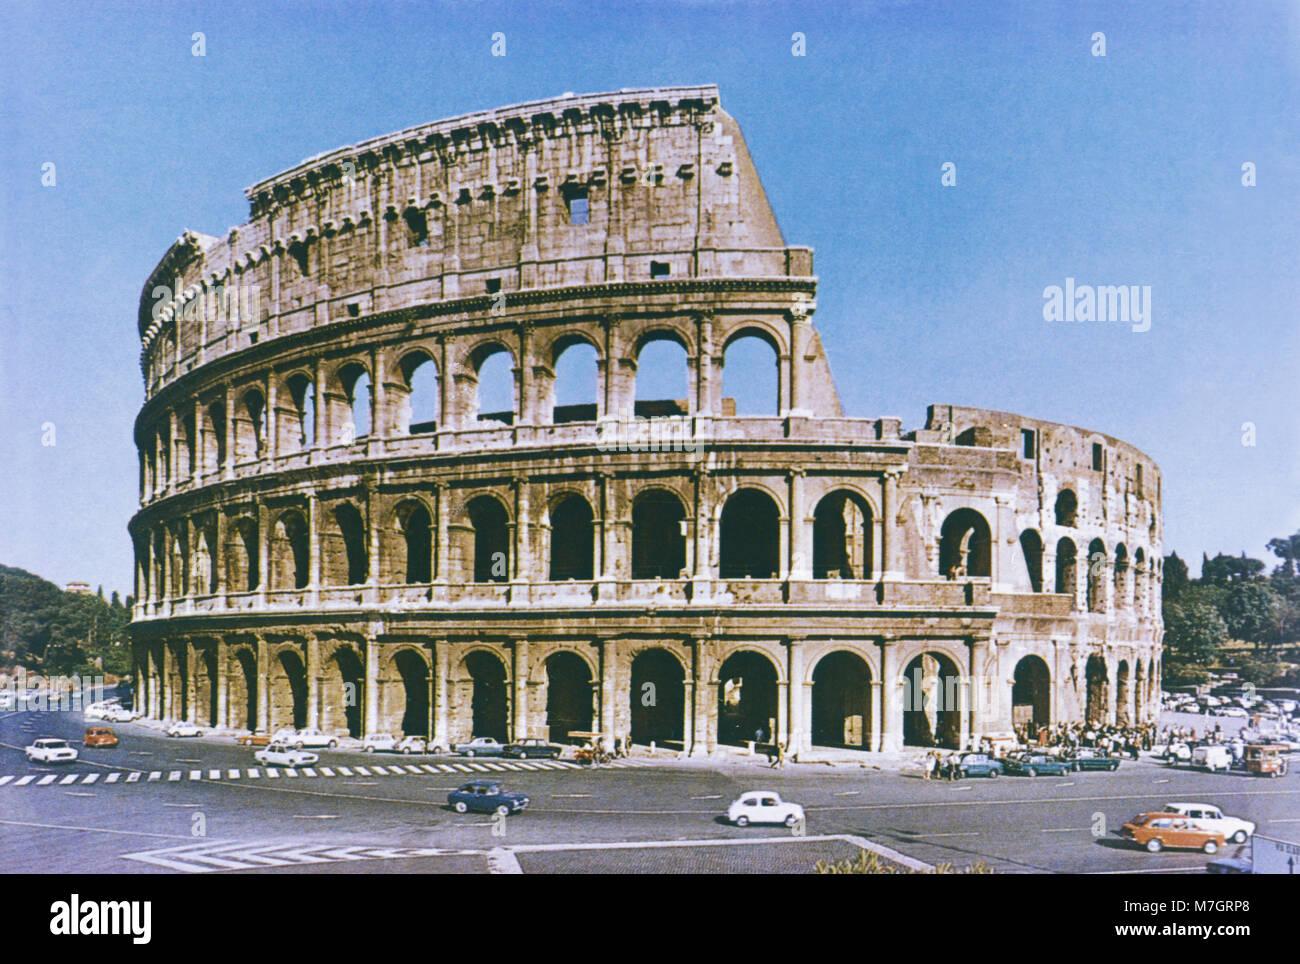 Fachada del Coliseo de Roma adoptado a finales de los 1960's Imagen De Stock